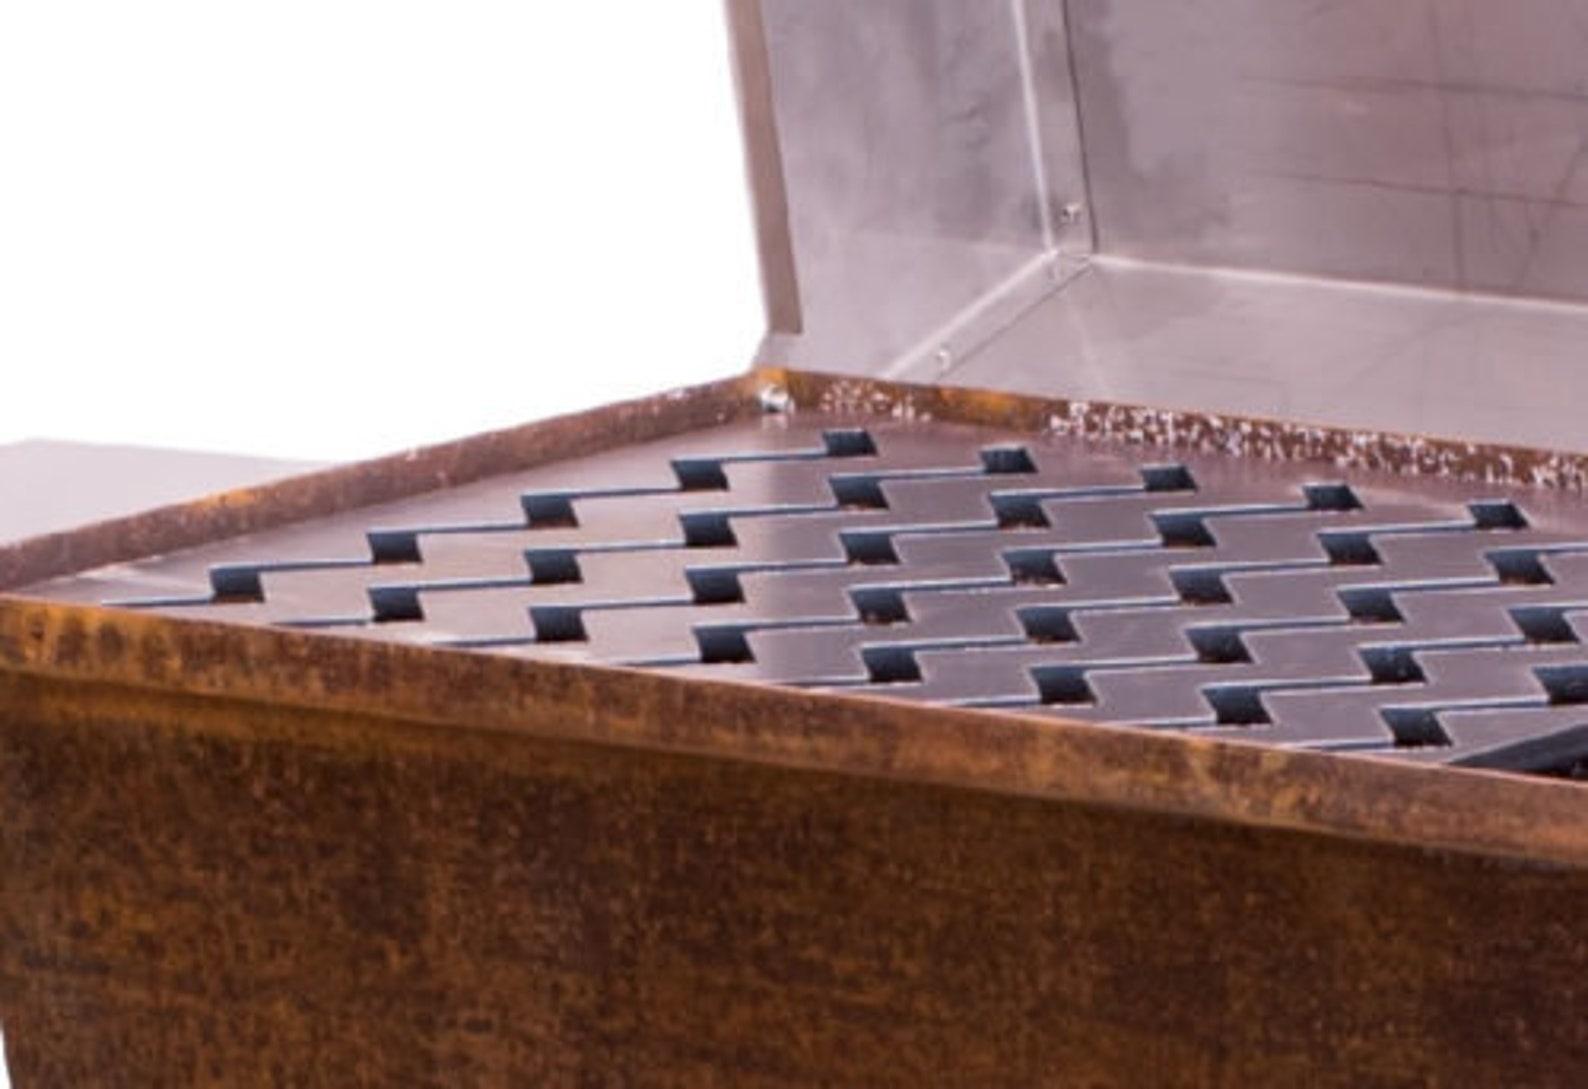 Pin von GrillSymbol.com auf Charcoal Grills